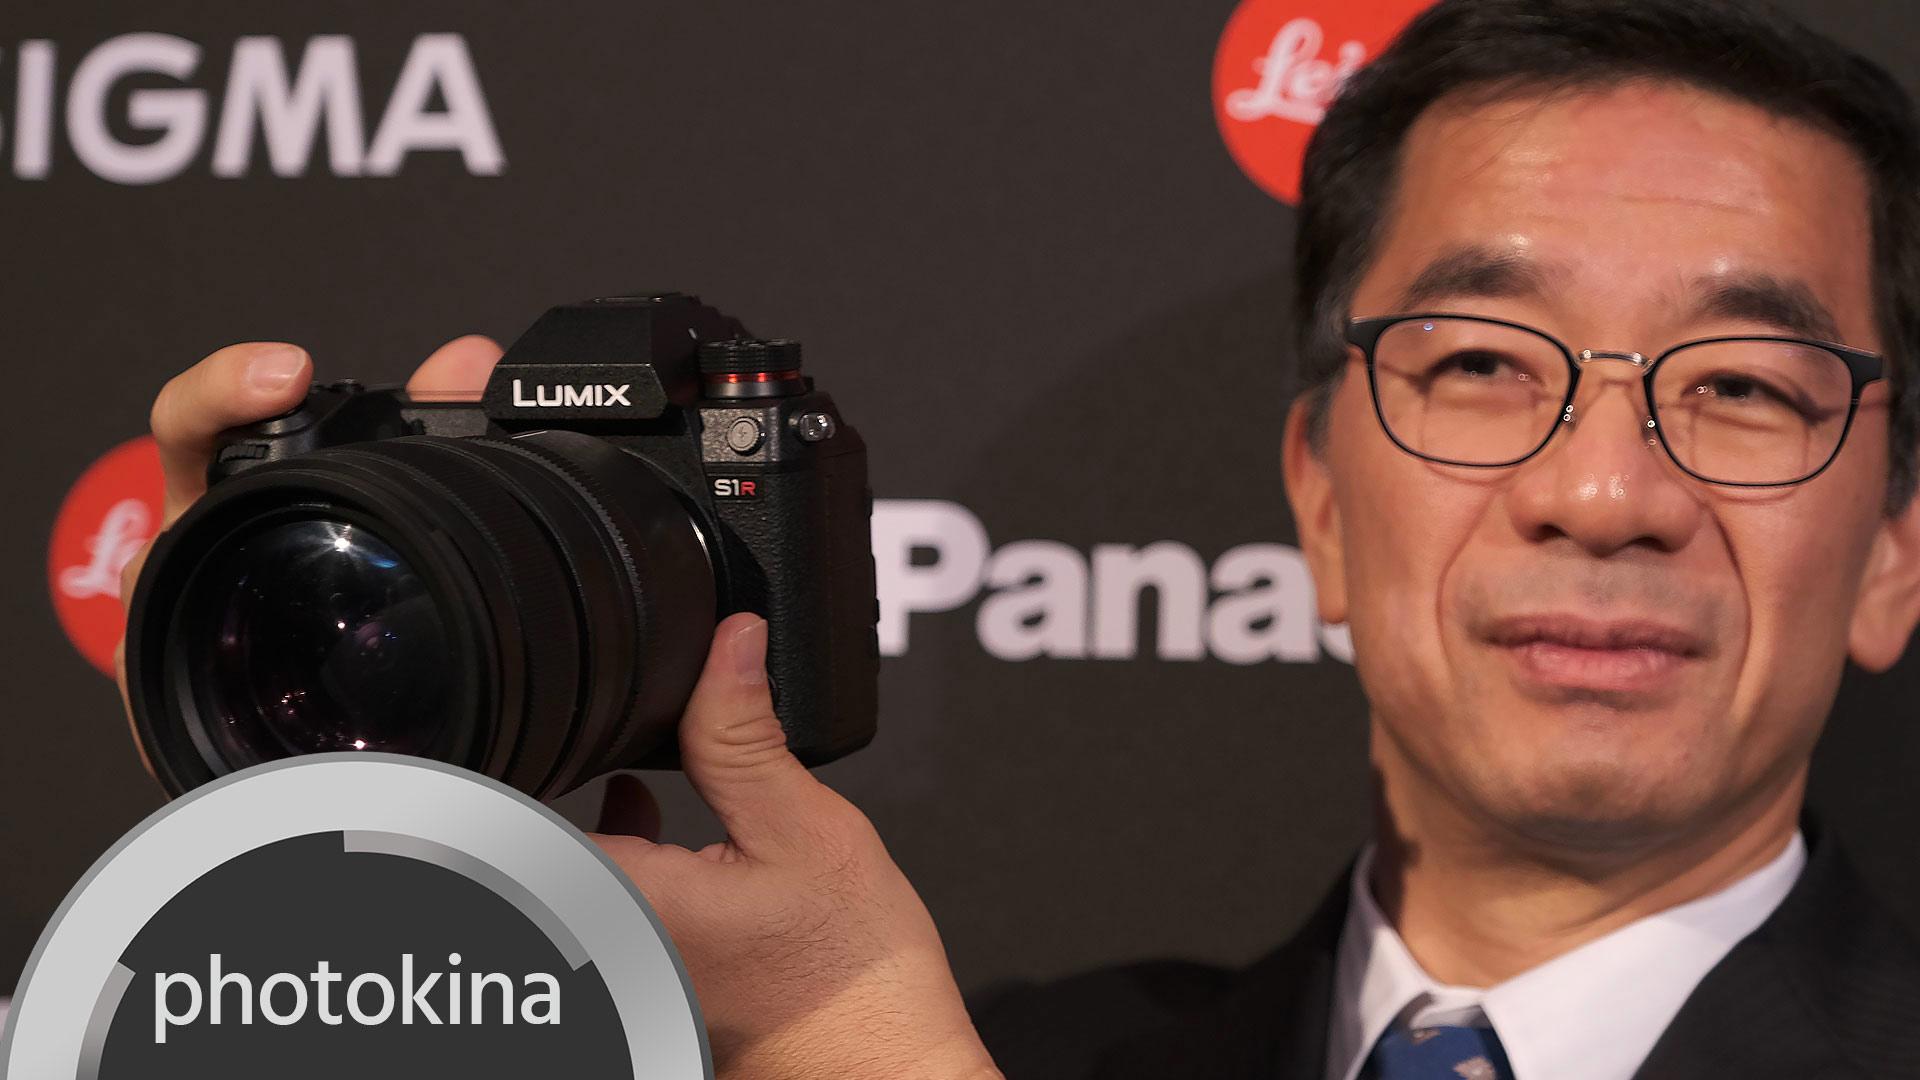 パナソニックがLUMIX Sシリーズフルフレームカメラを発表 - LUMIX S1とS1R